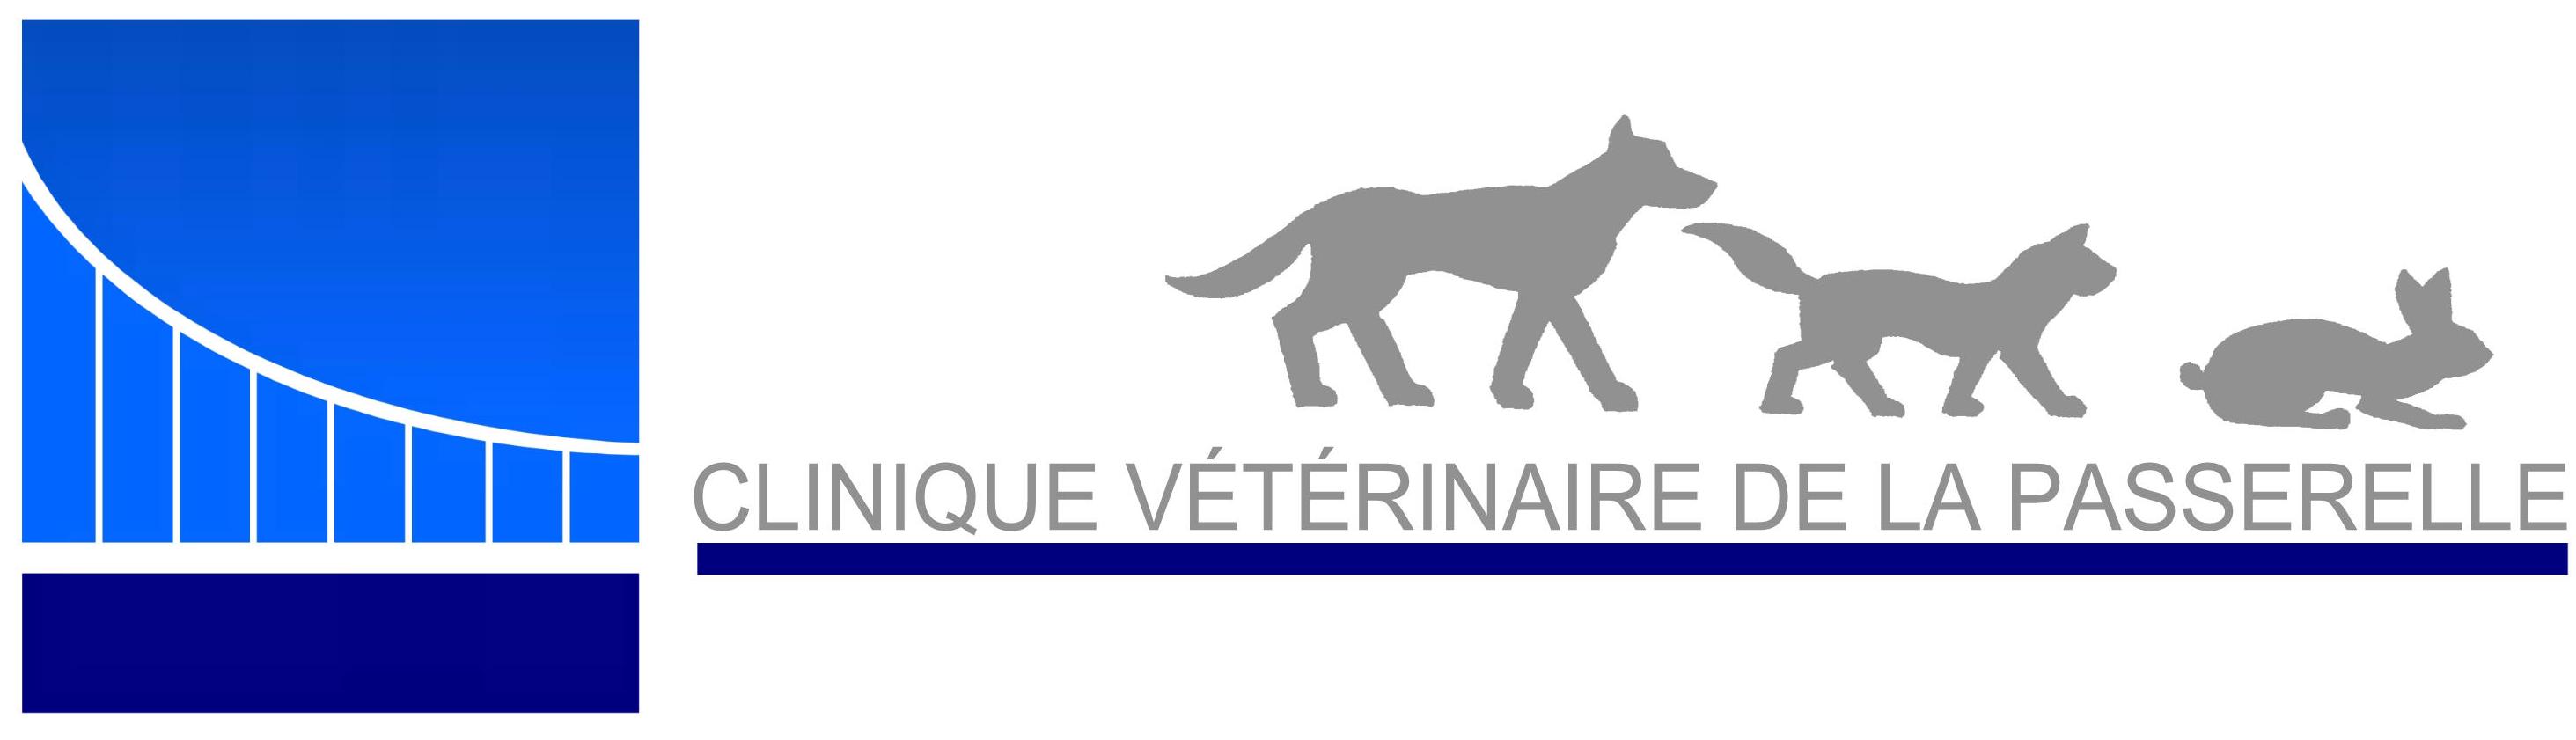 La clinique vétérinaire de la passerelle – Givors Grigny & Chasse sur Rhône